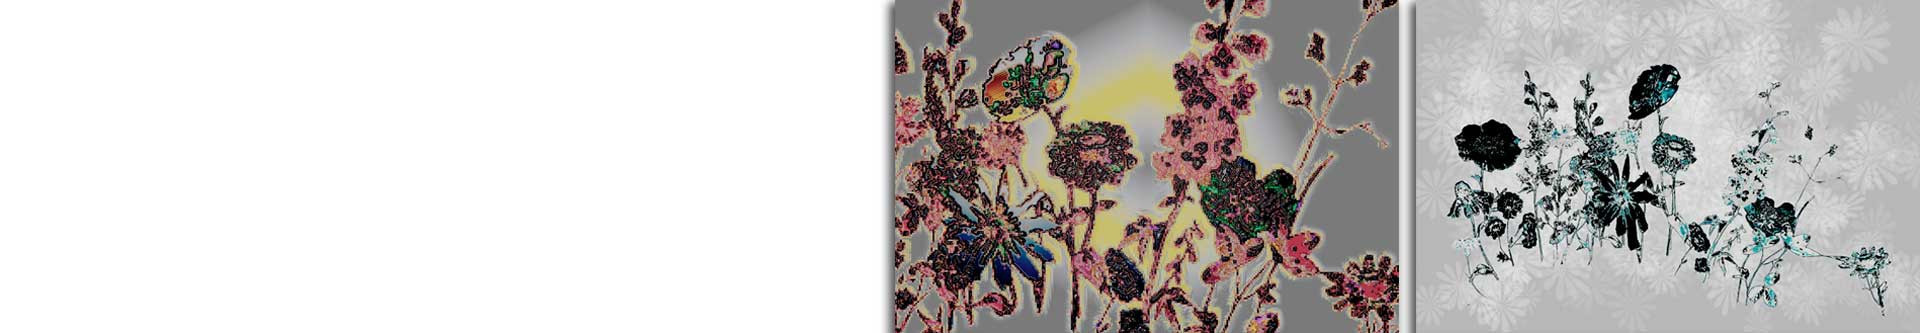 Obrazy łąka Obrazy zioła • Grafiki Obrazy